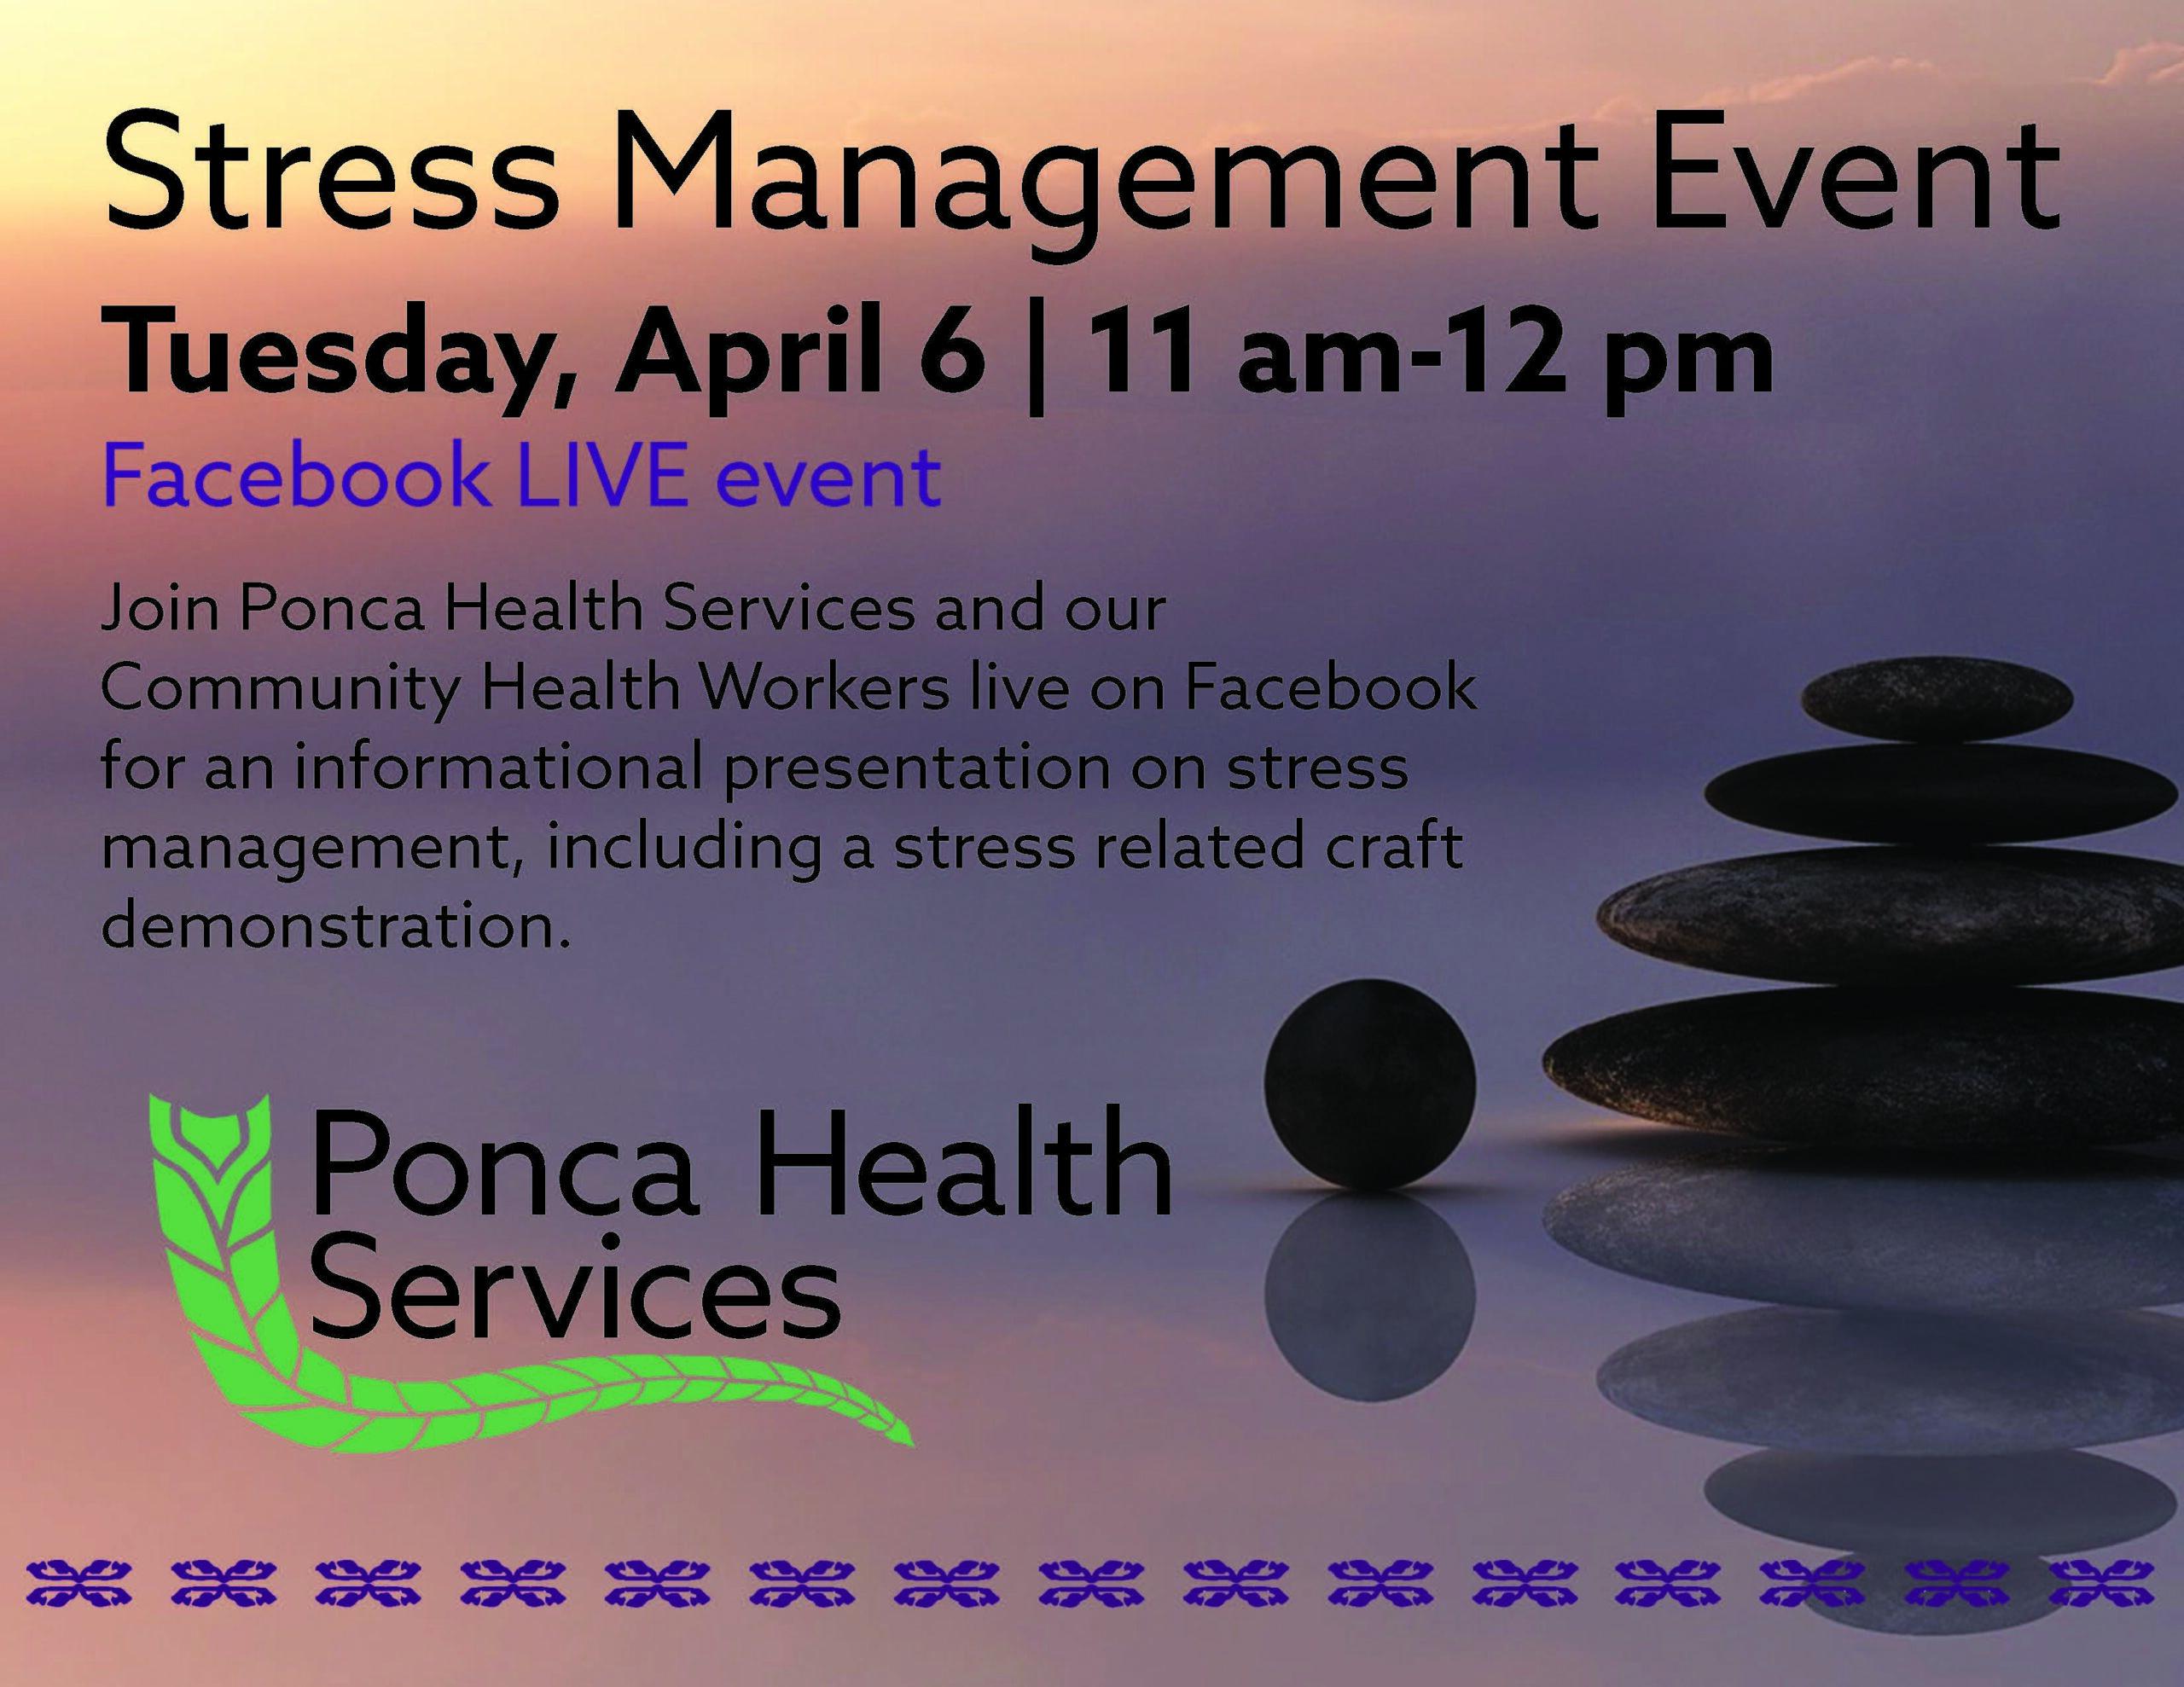 Stress Management Event Live on Facebook